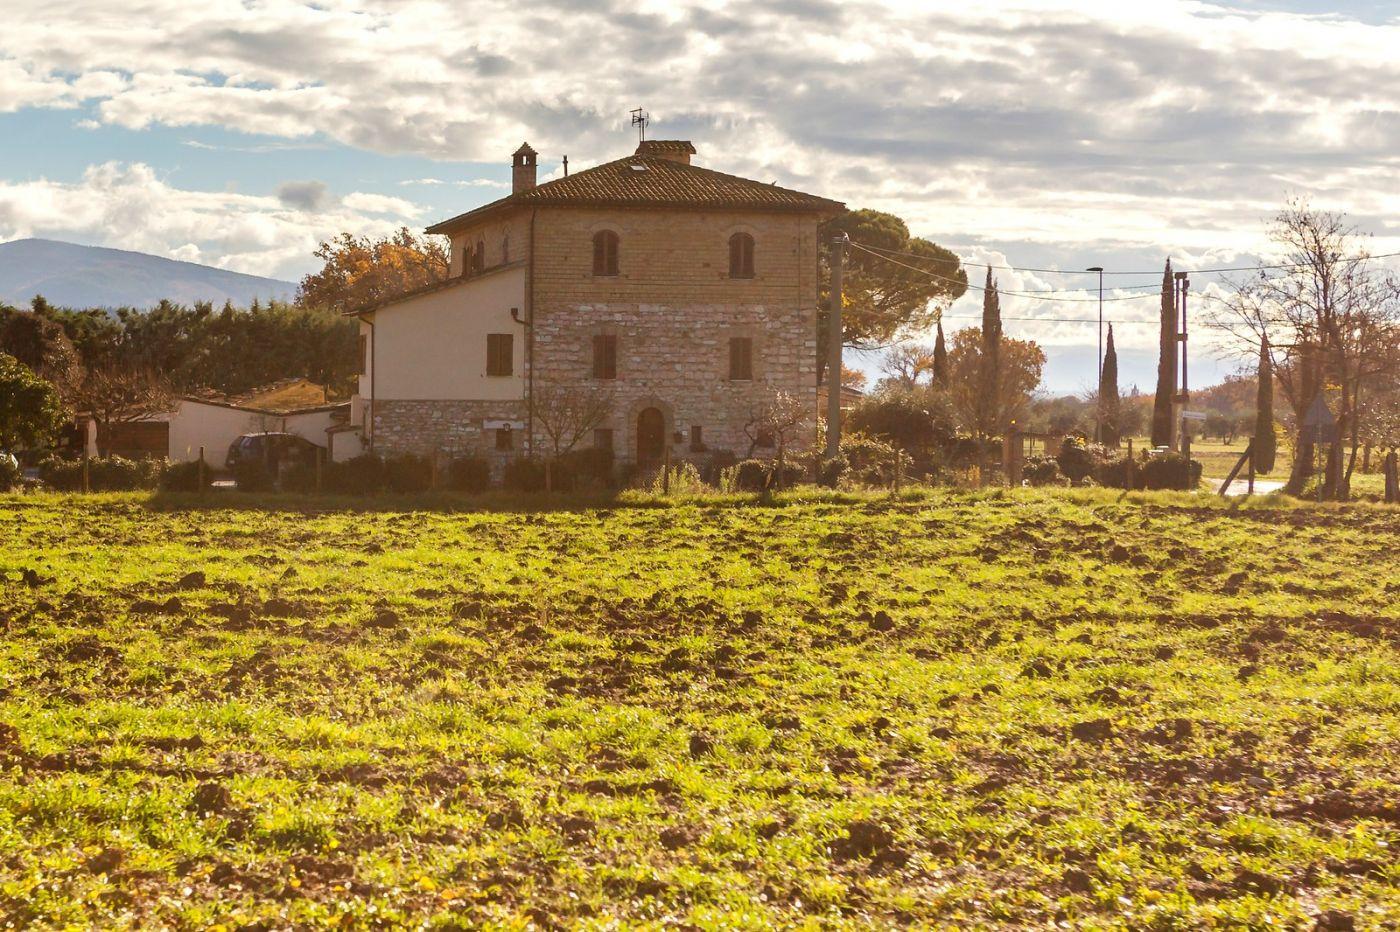 意大利路途,秋后的农村_图1-8